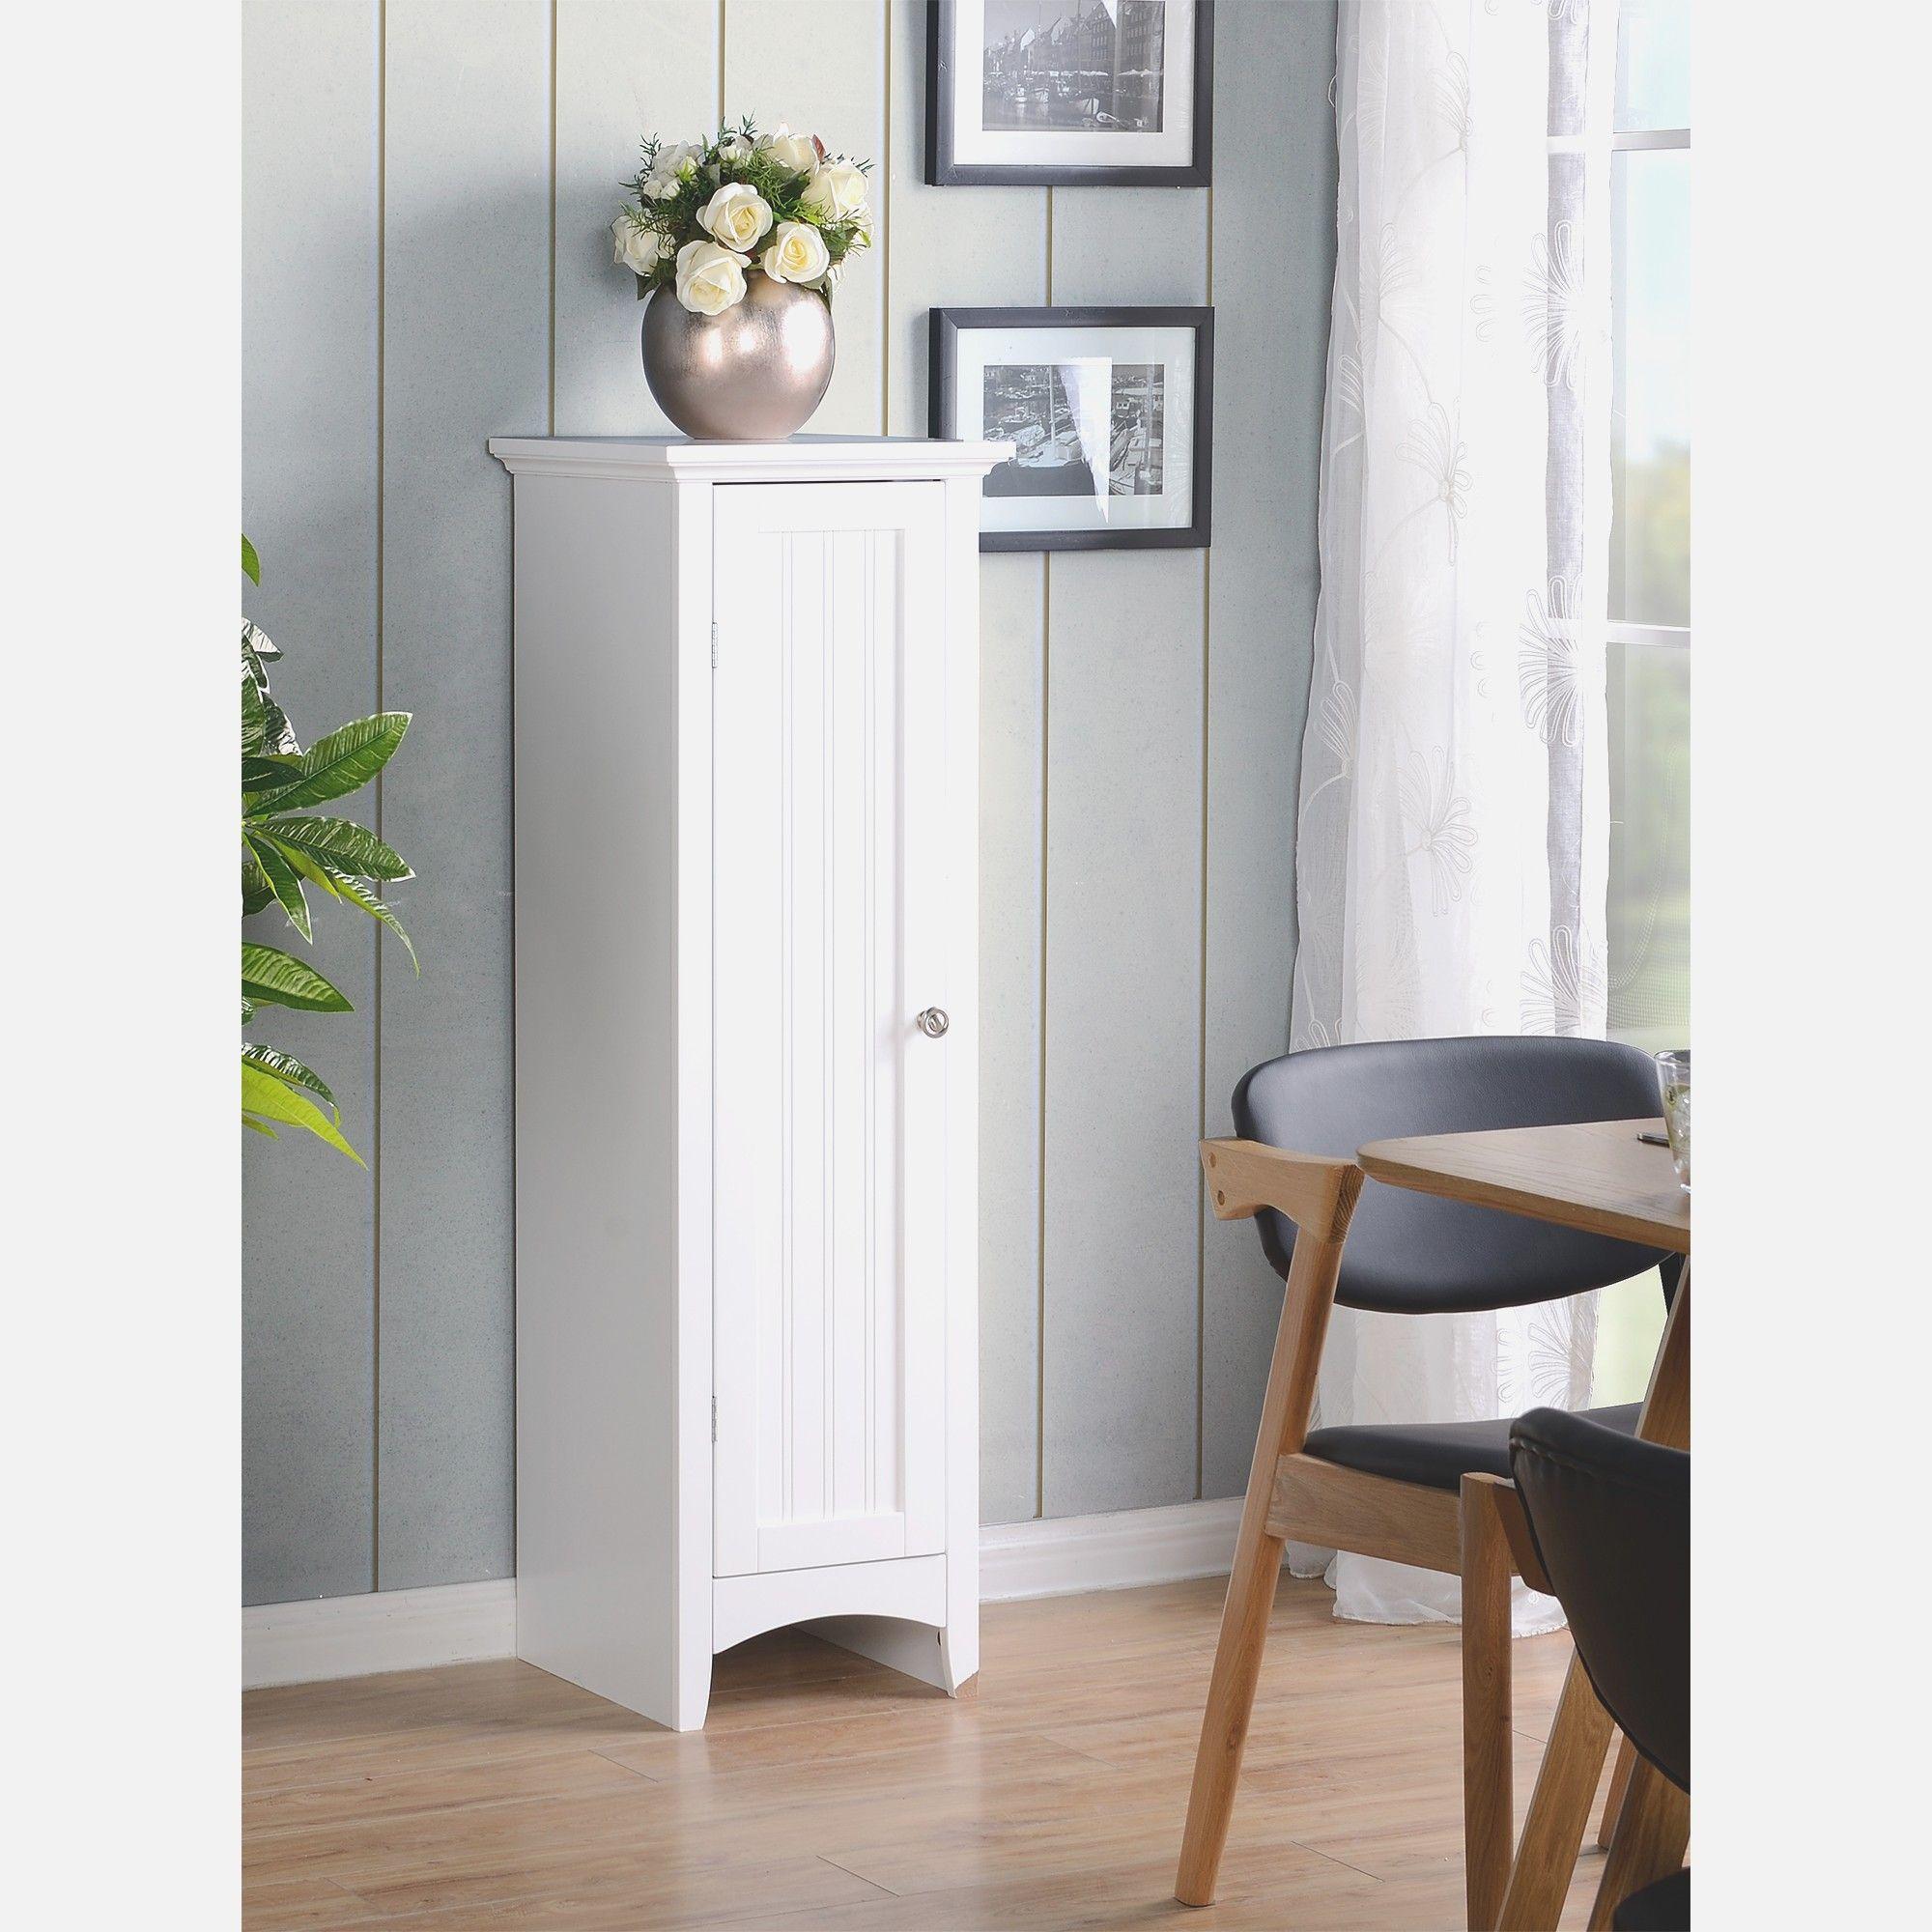 Kitchen Storage Cabinets Free Standing - free standing kitchen ...